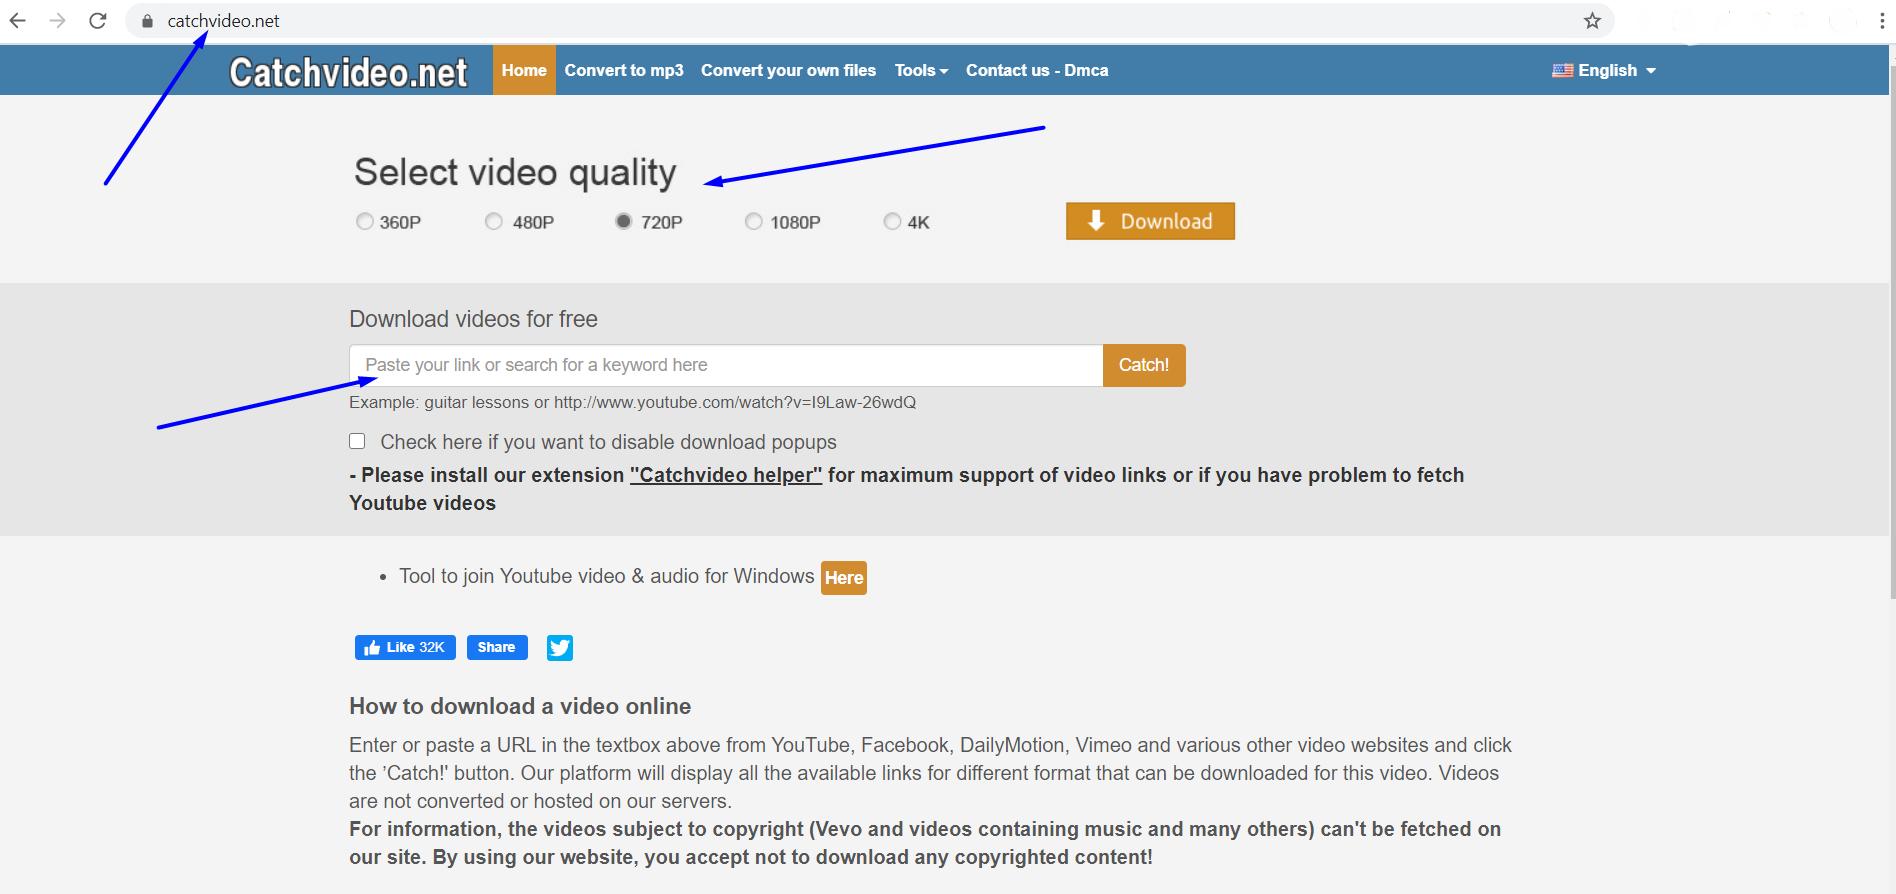 catchvideo.net step 1